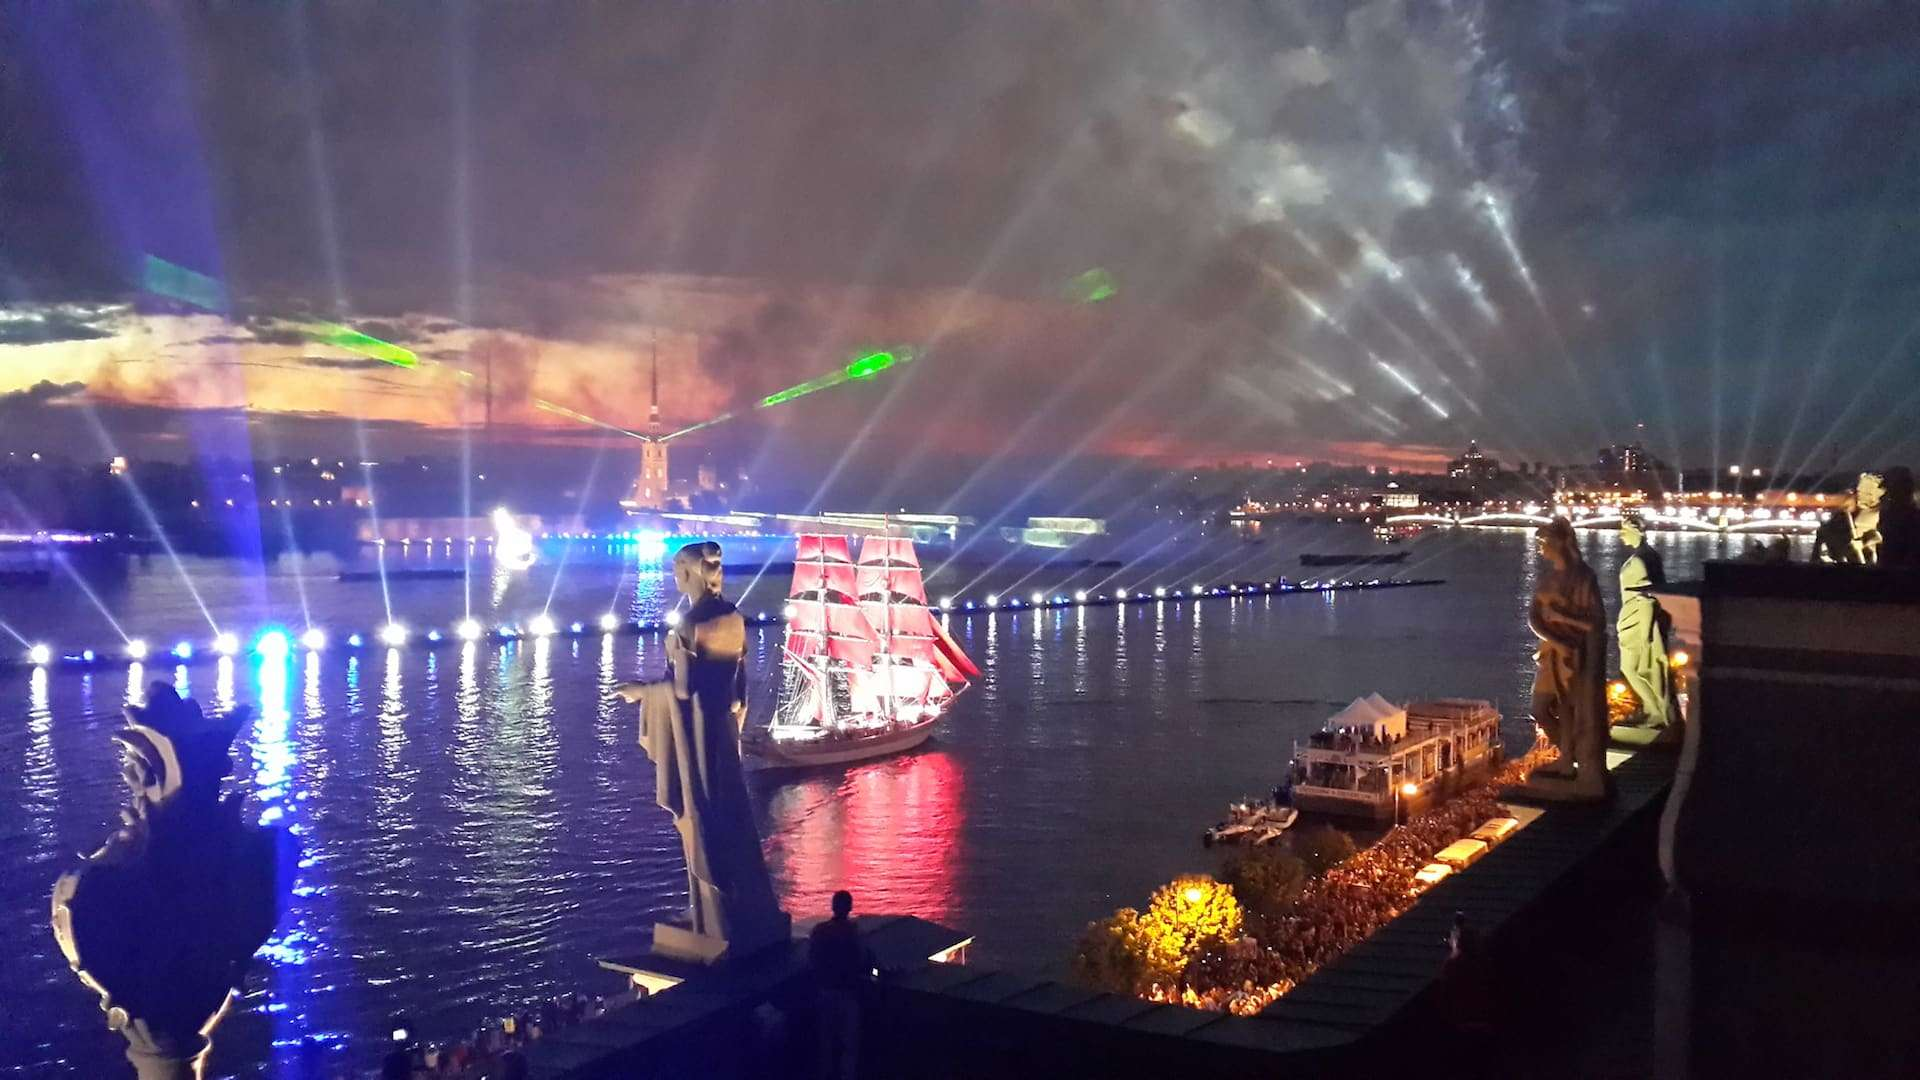 Репетиция Алых Парусов в 2019 году в ночь с 21 на 22 июня: где будет лучше видно